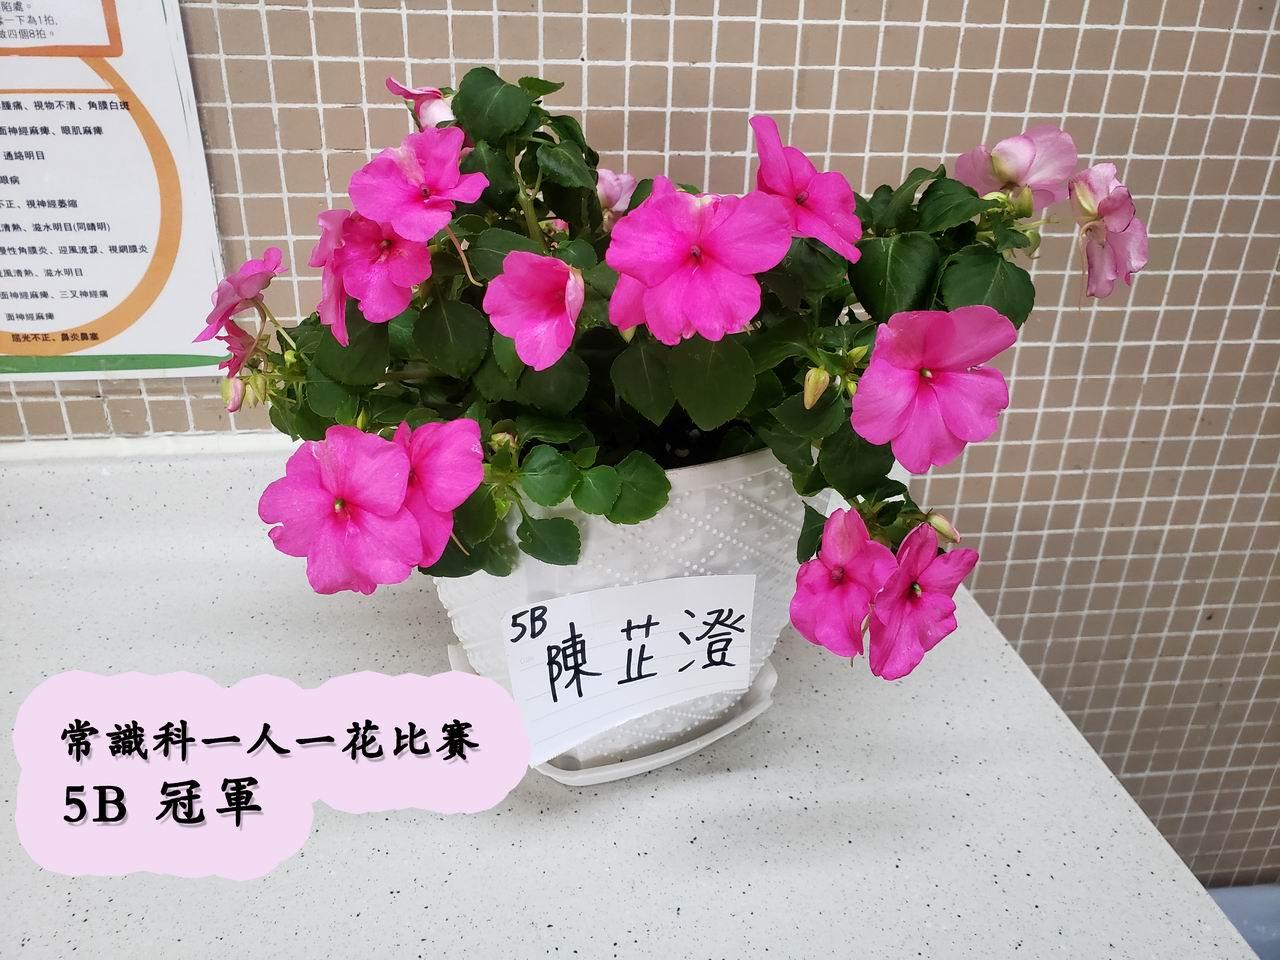 https://plkcjy.edu.hk/sites/default/files/diao_zheng_da_xiao_5b_guan_.jpg